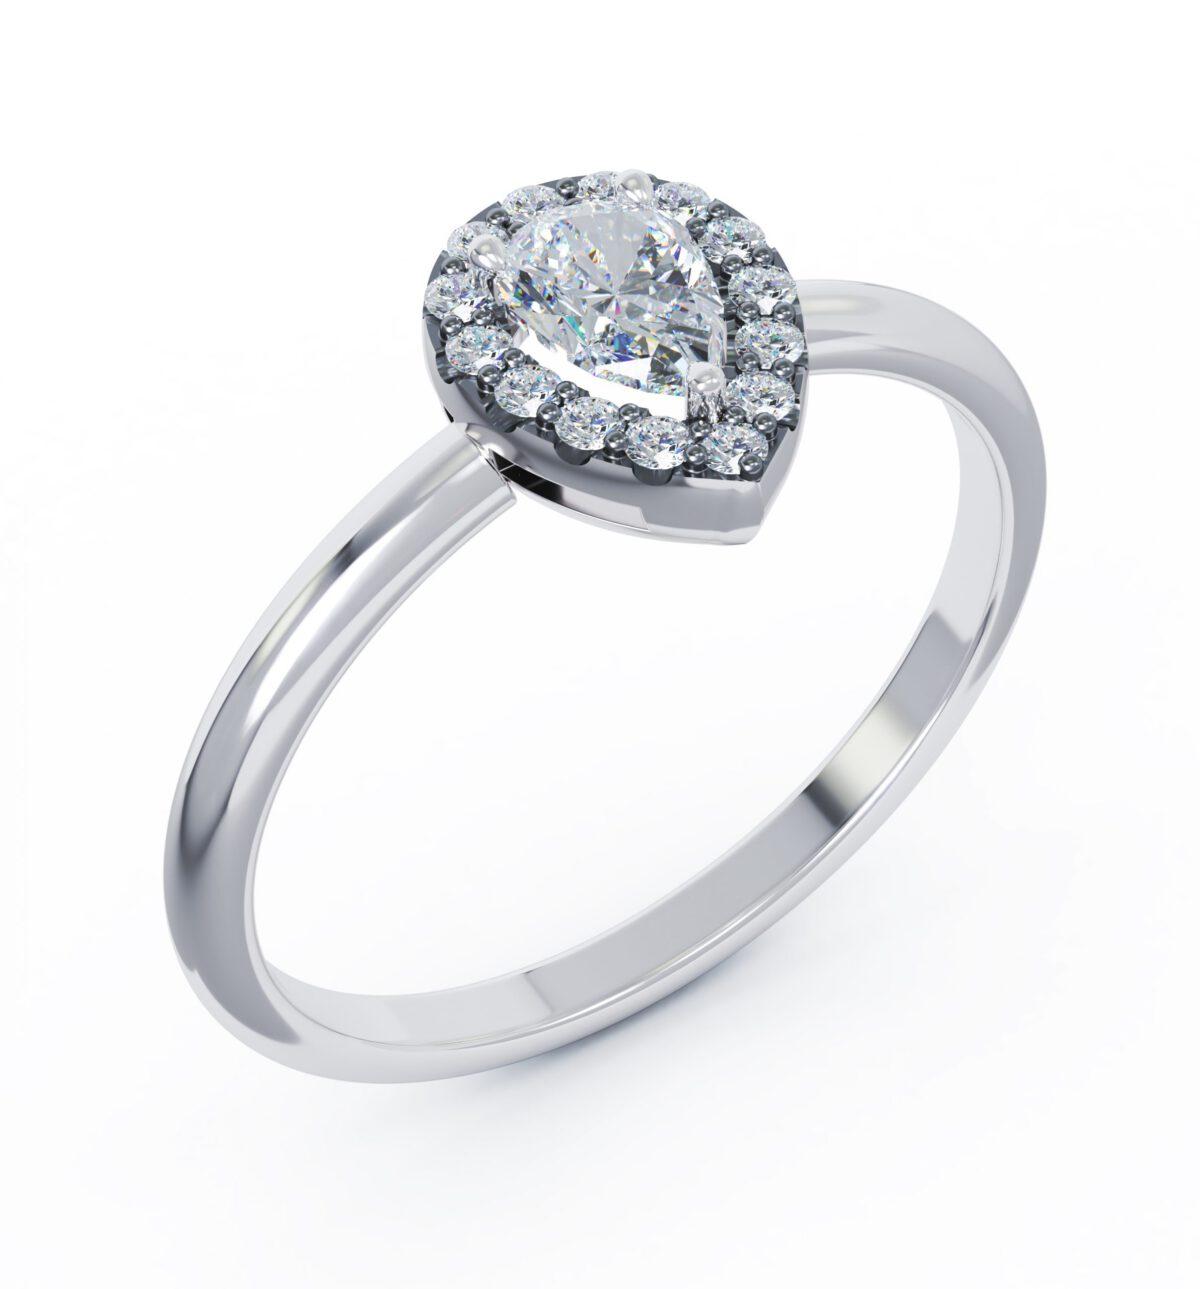 Különleges eljegyzési gyűrű a szíve hölgyének